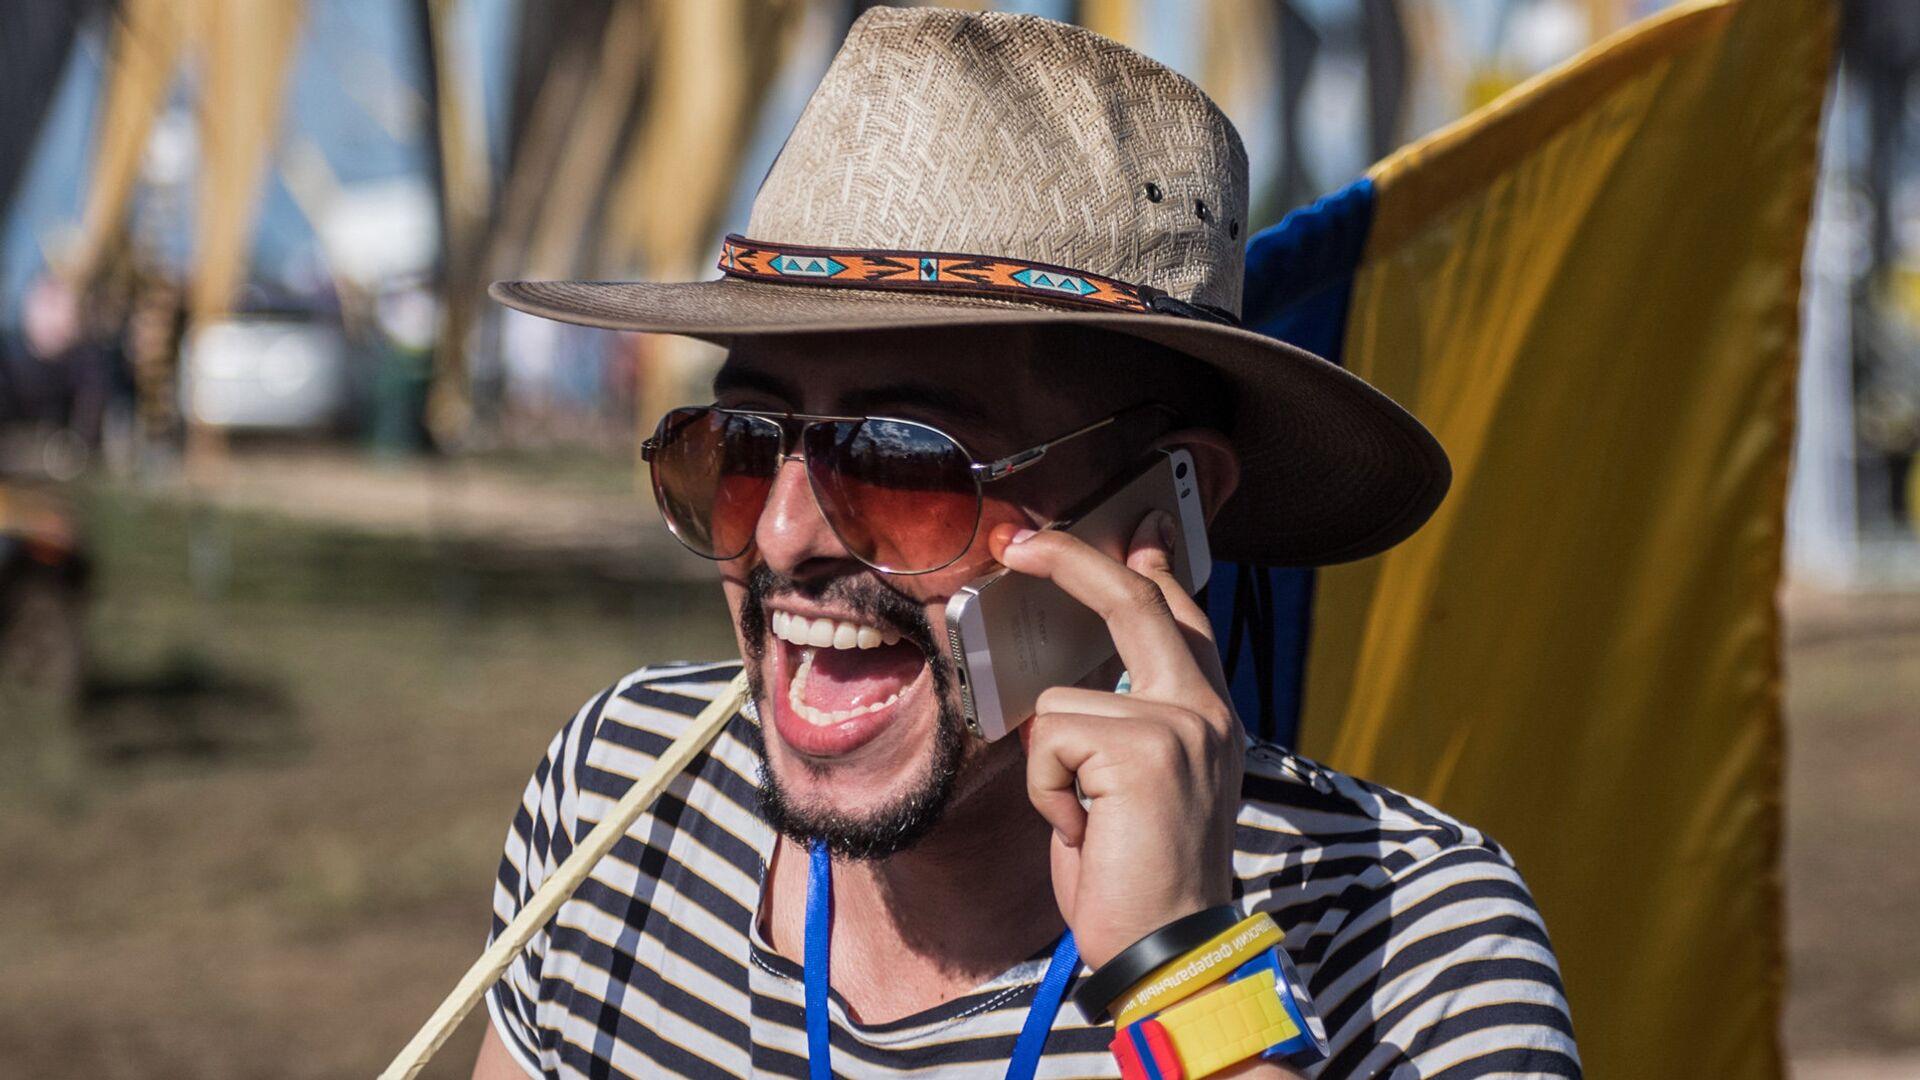 Молодой человек с мобильным телефоном - РИА Новости, 1920, 06.08.2021